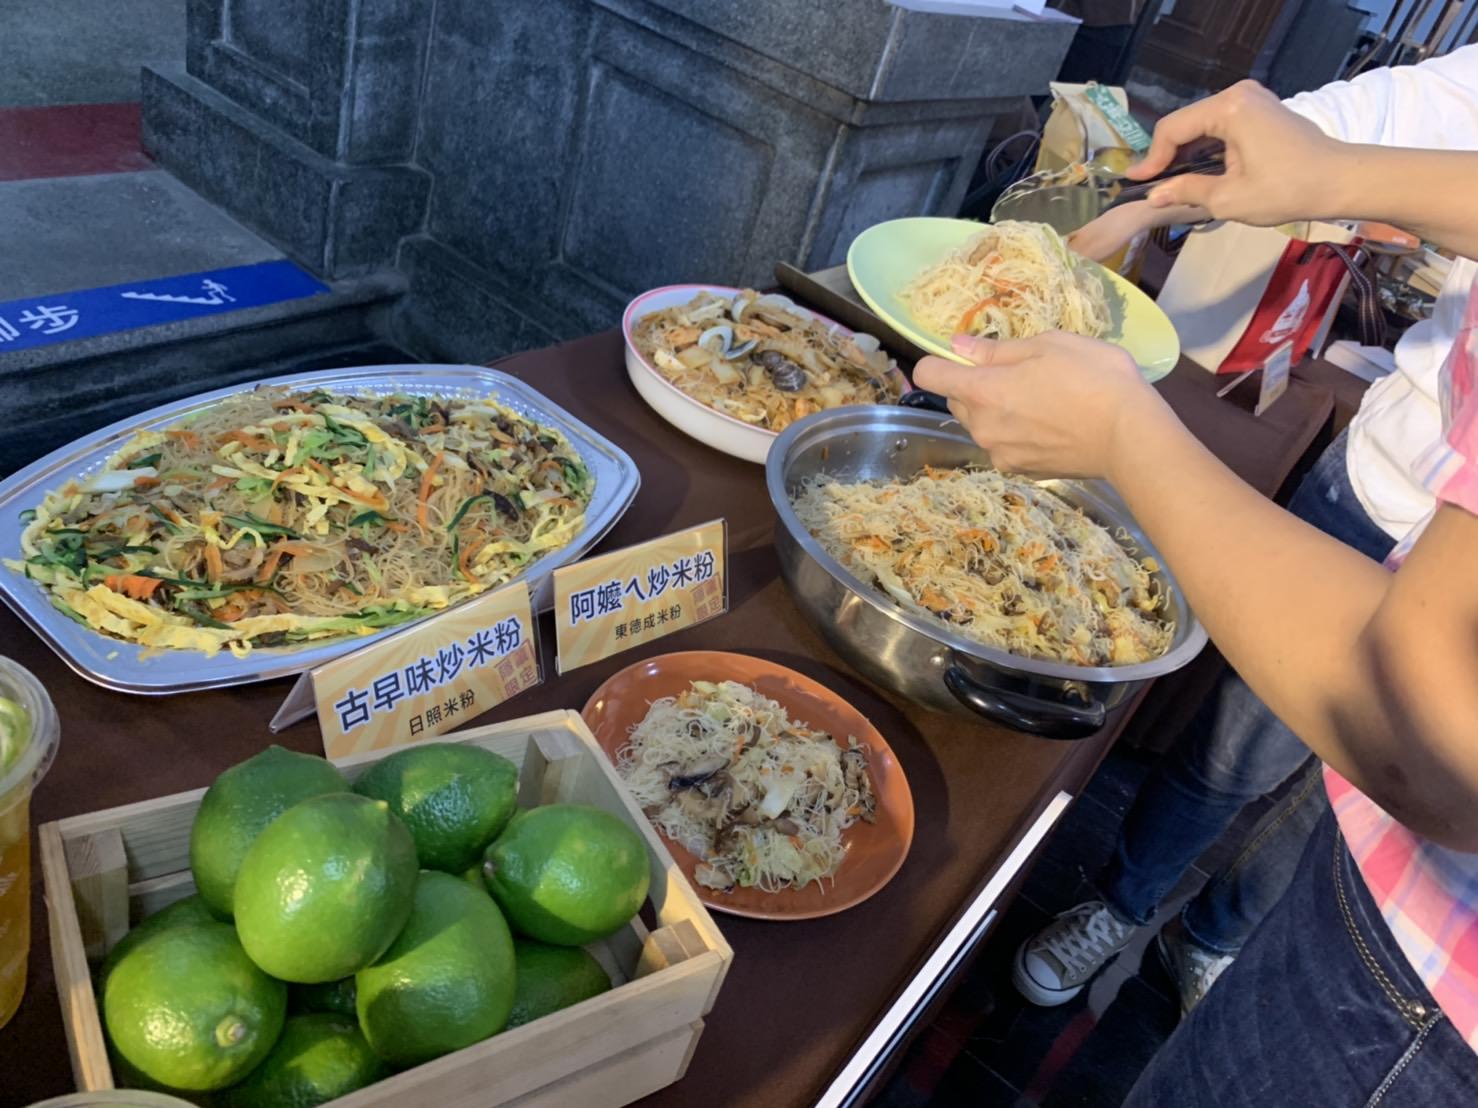 2019新竹舊城好食祭來了!舊城美食推出限定版隱藏餐點!另可體驗米粉貢丸DIY